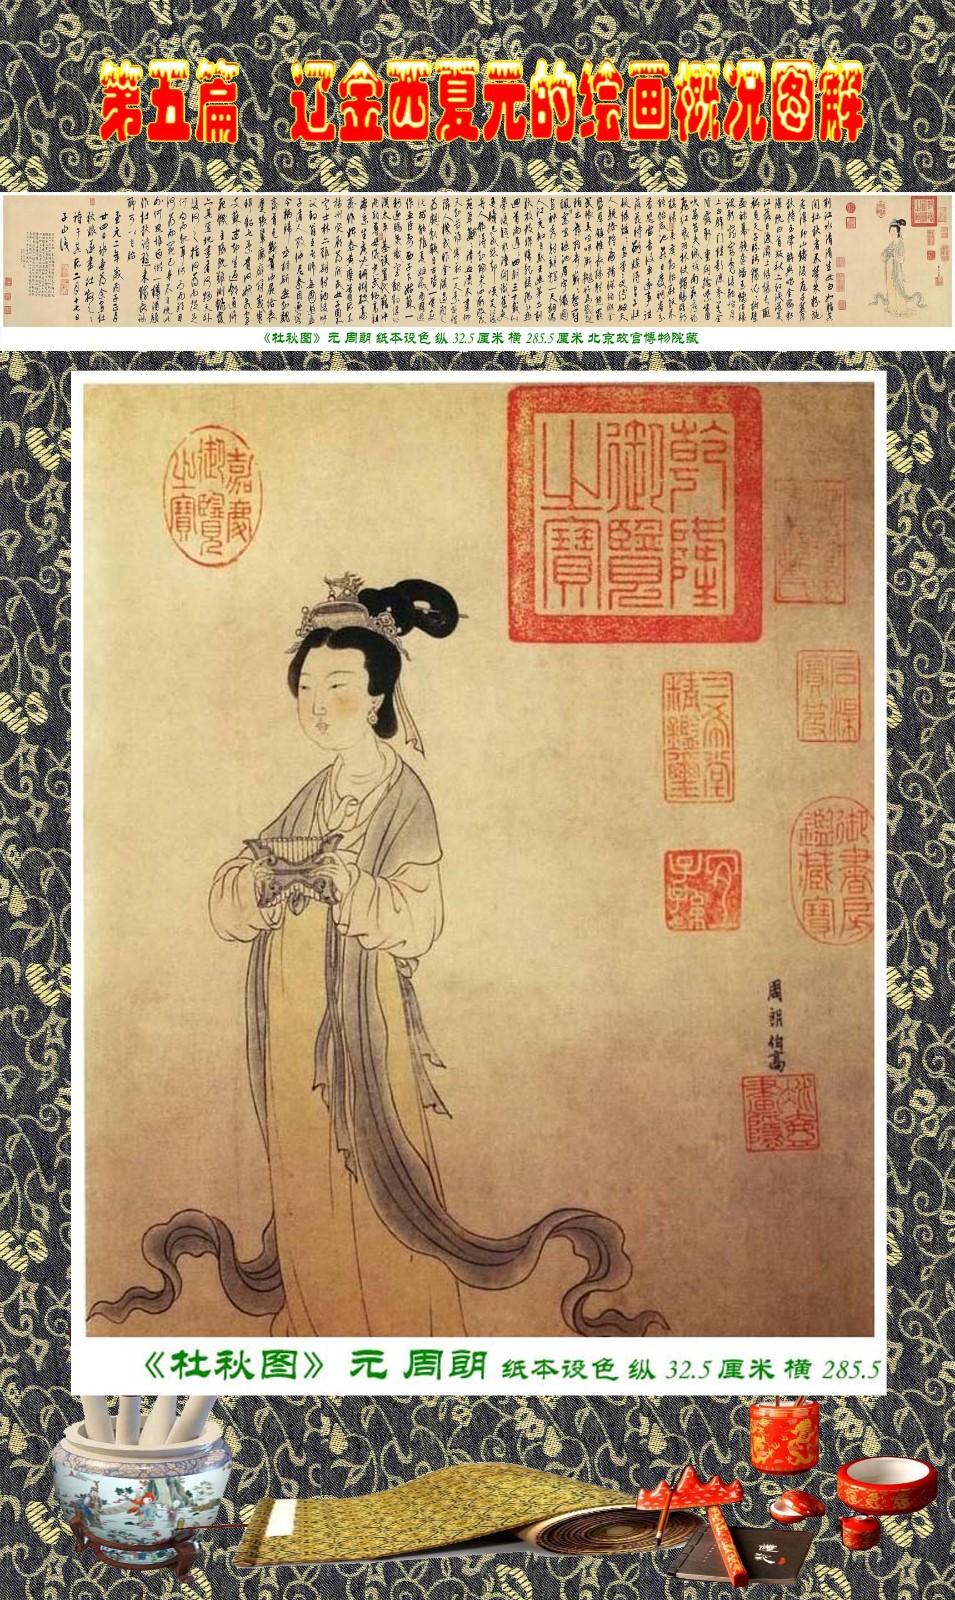 顾绍骅编辑 中国画知识普及版 第五篇 辽金西夏元的绘画概况 下 ... ..._图1-86